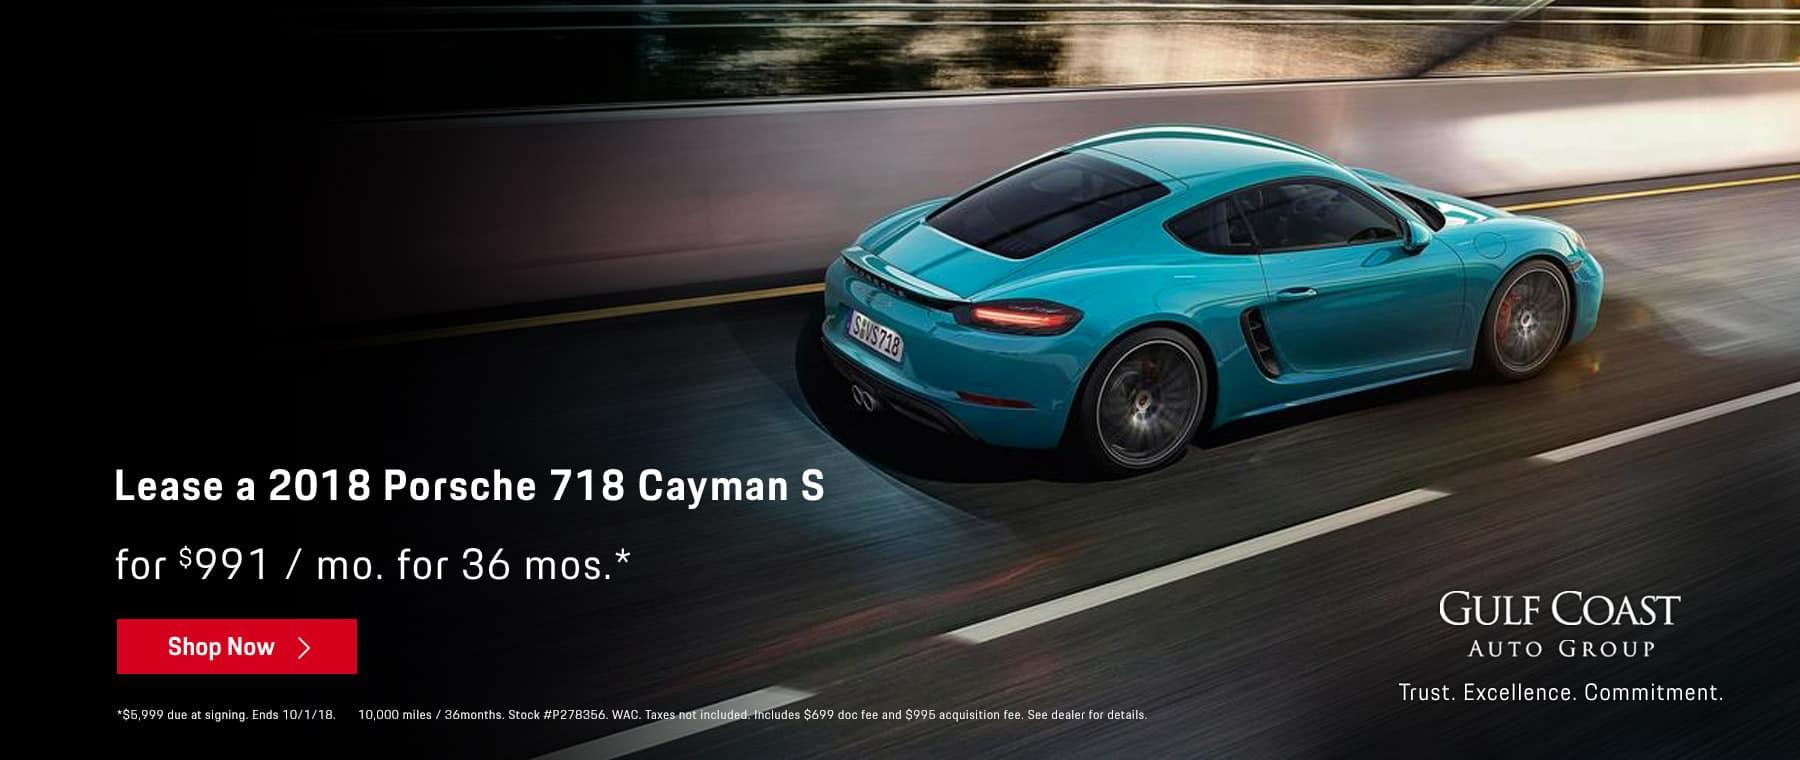 Cayman Offer